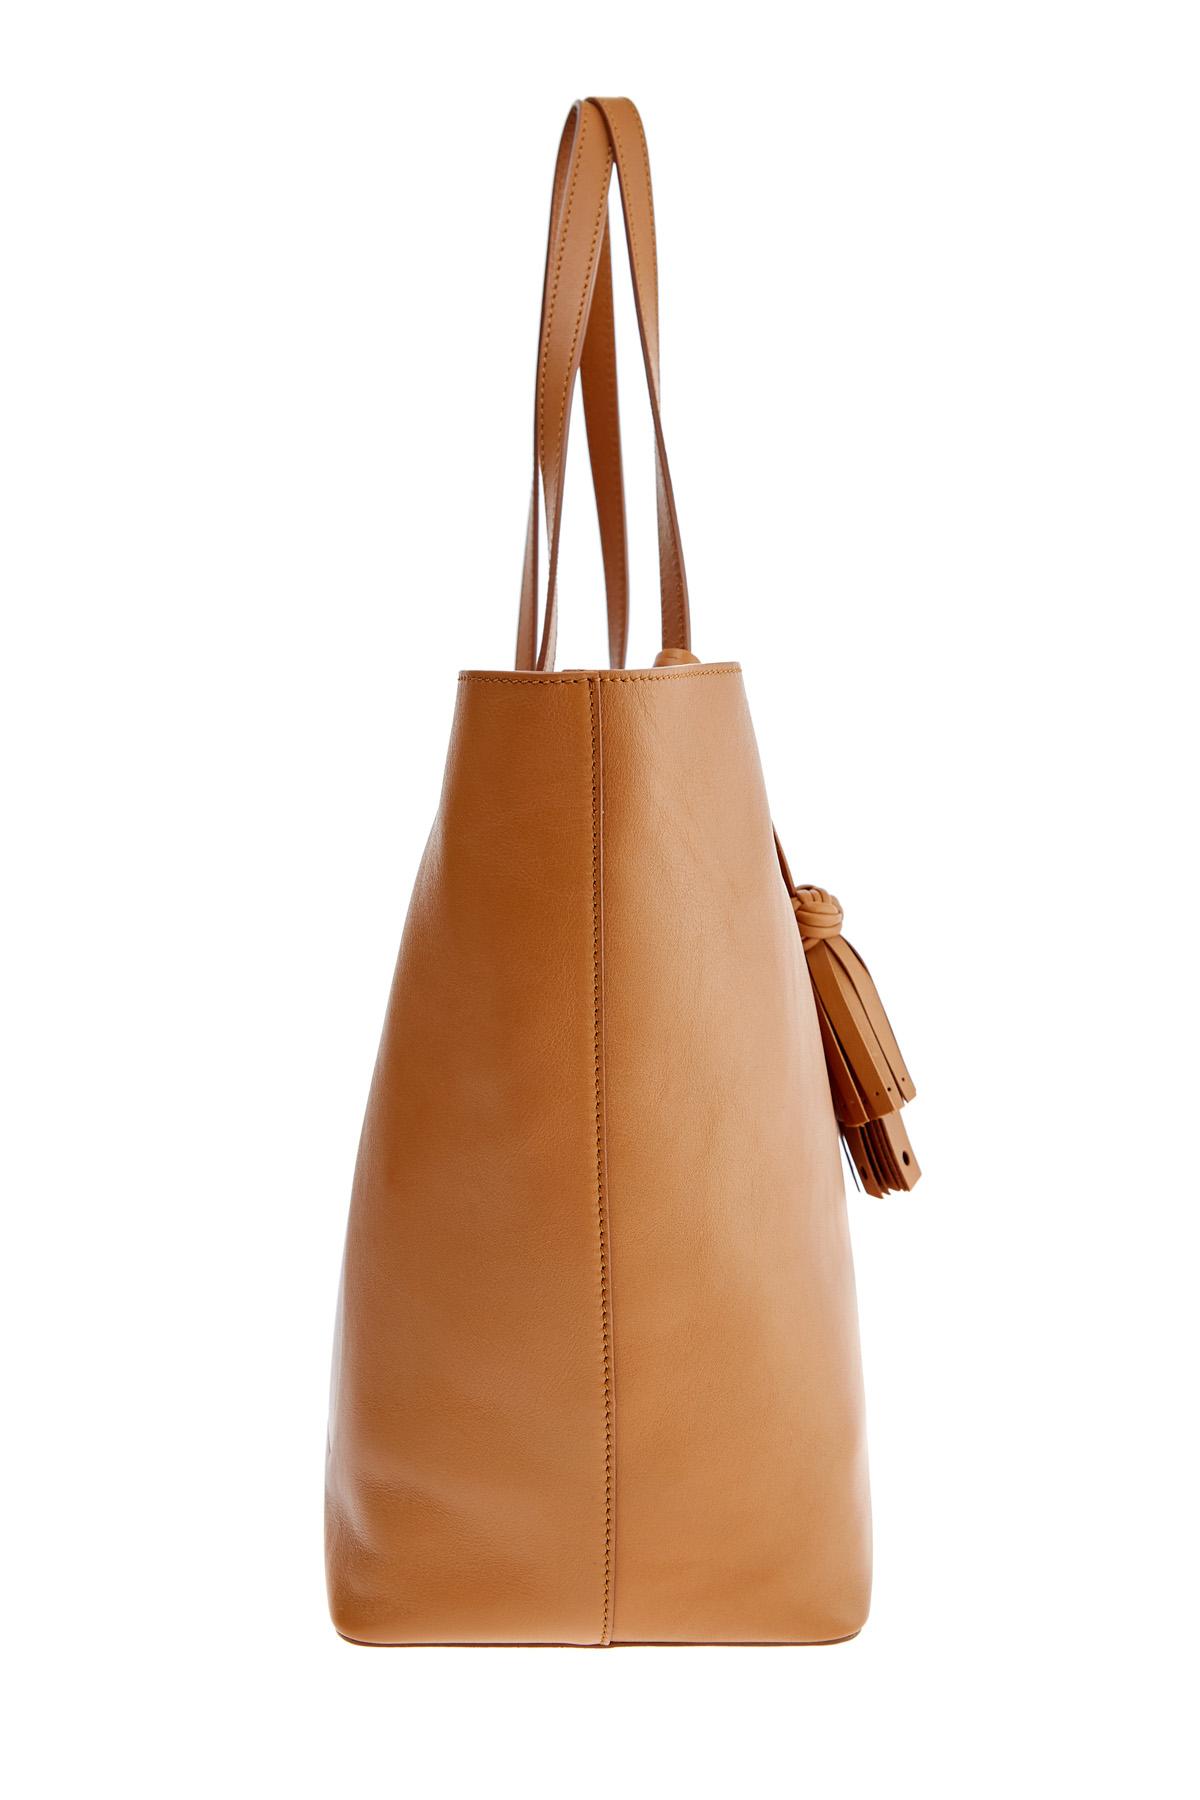 Вместительная сумка-тоут из матовой гладкой кожи с брелоком-кистью SANTONI 1822ba c70 Фото 4